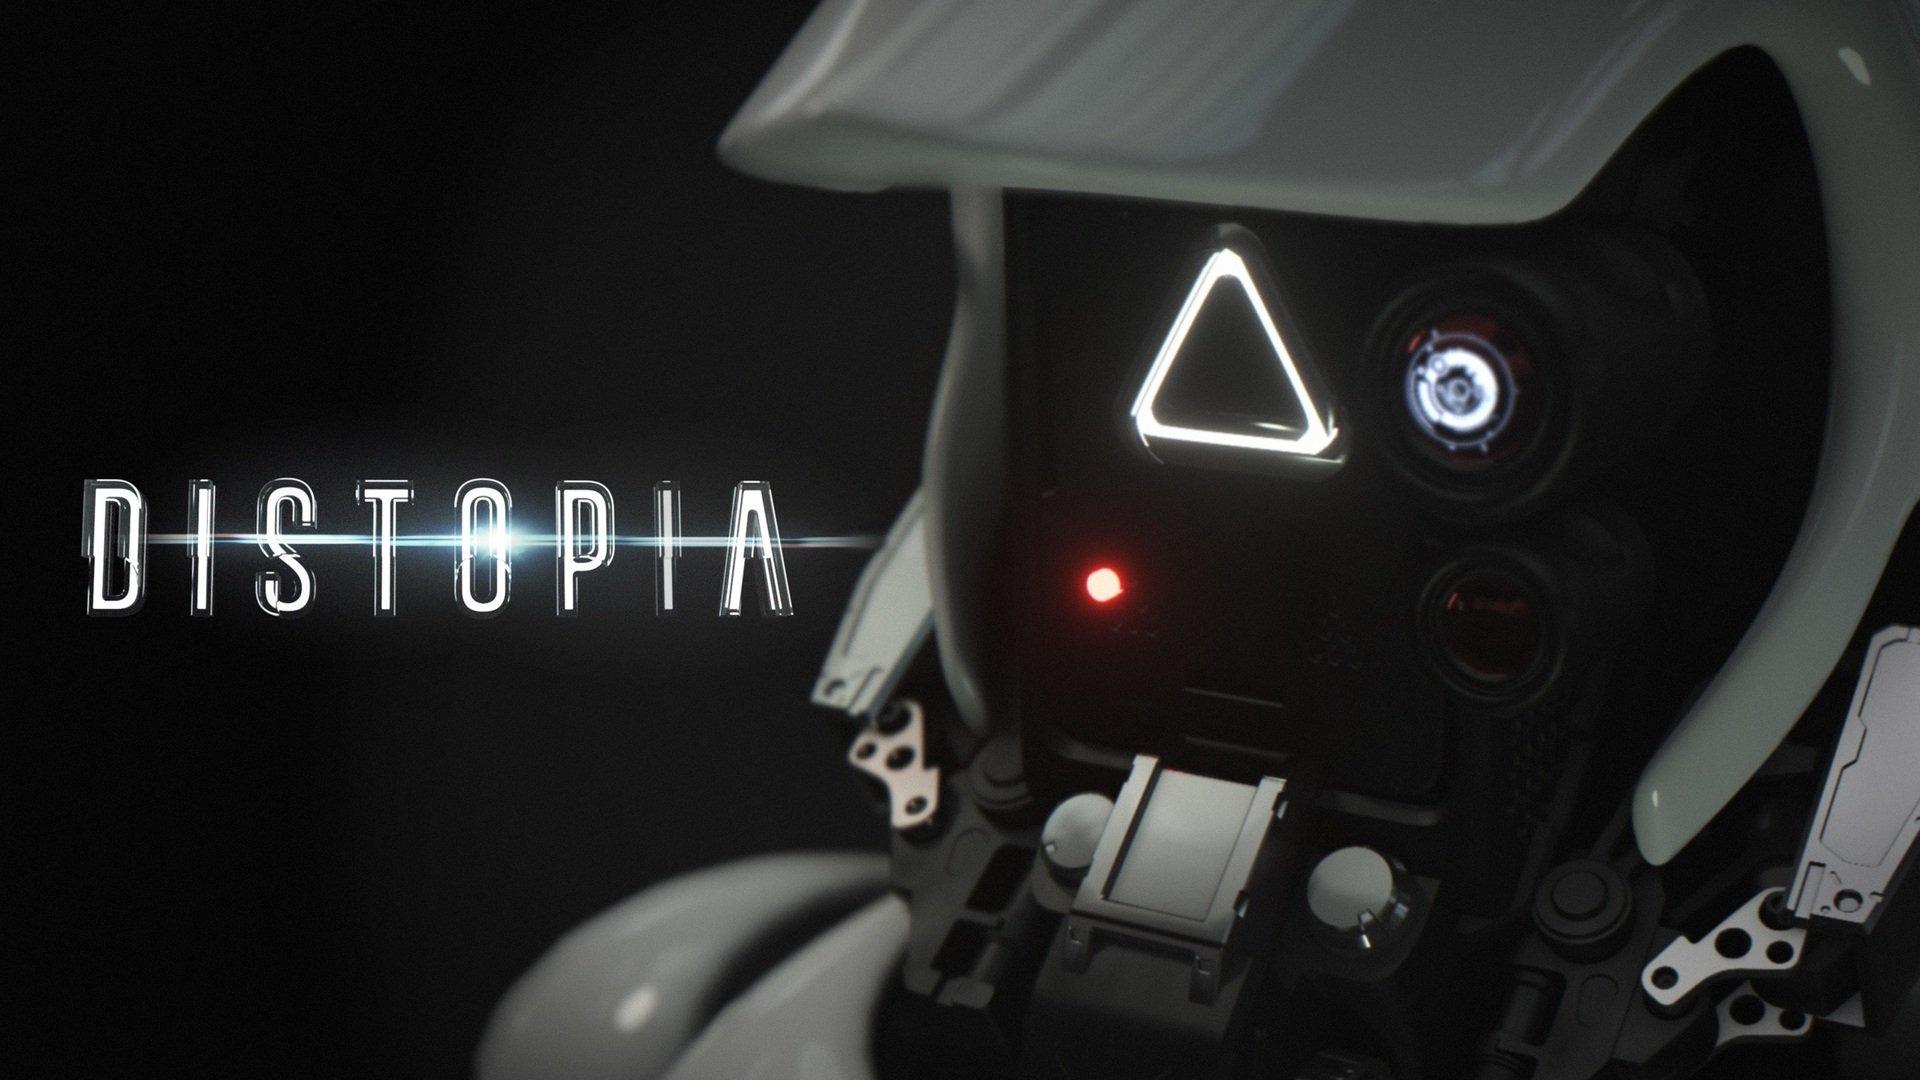 Show Distopia